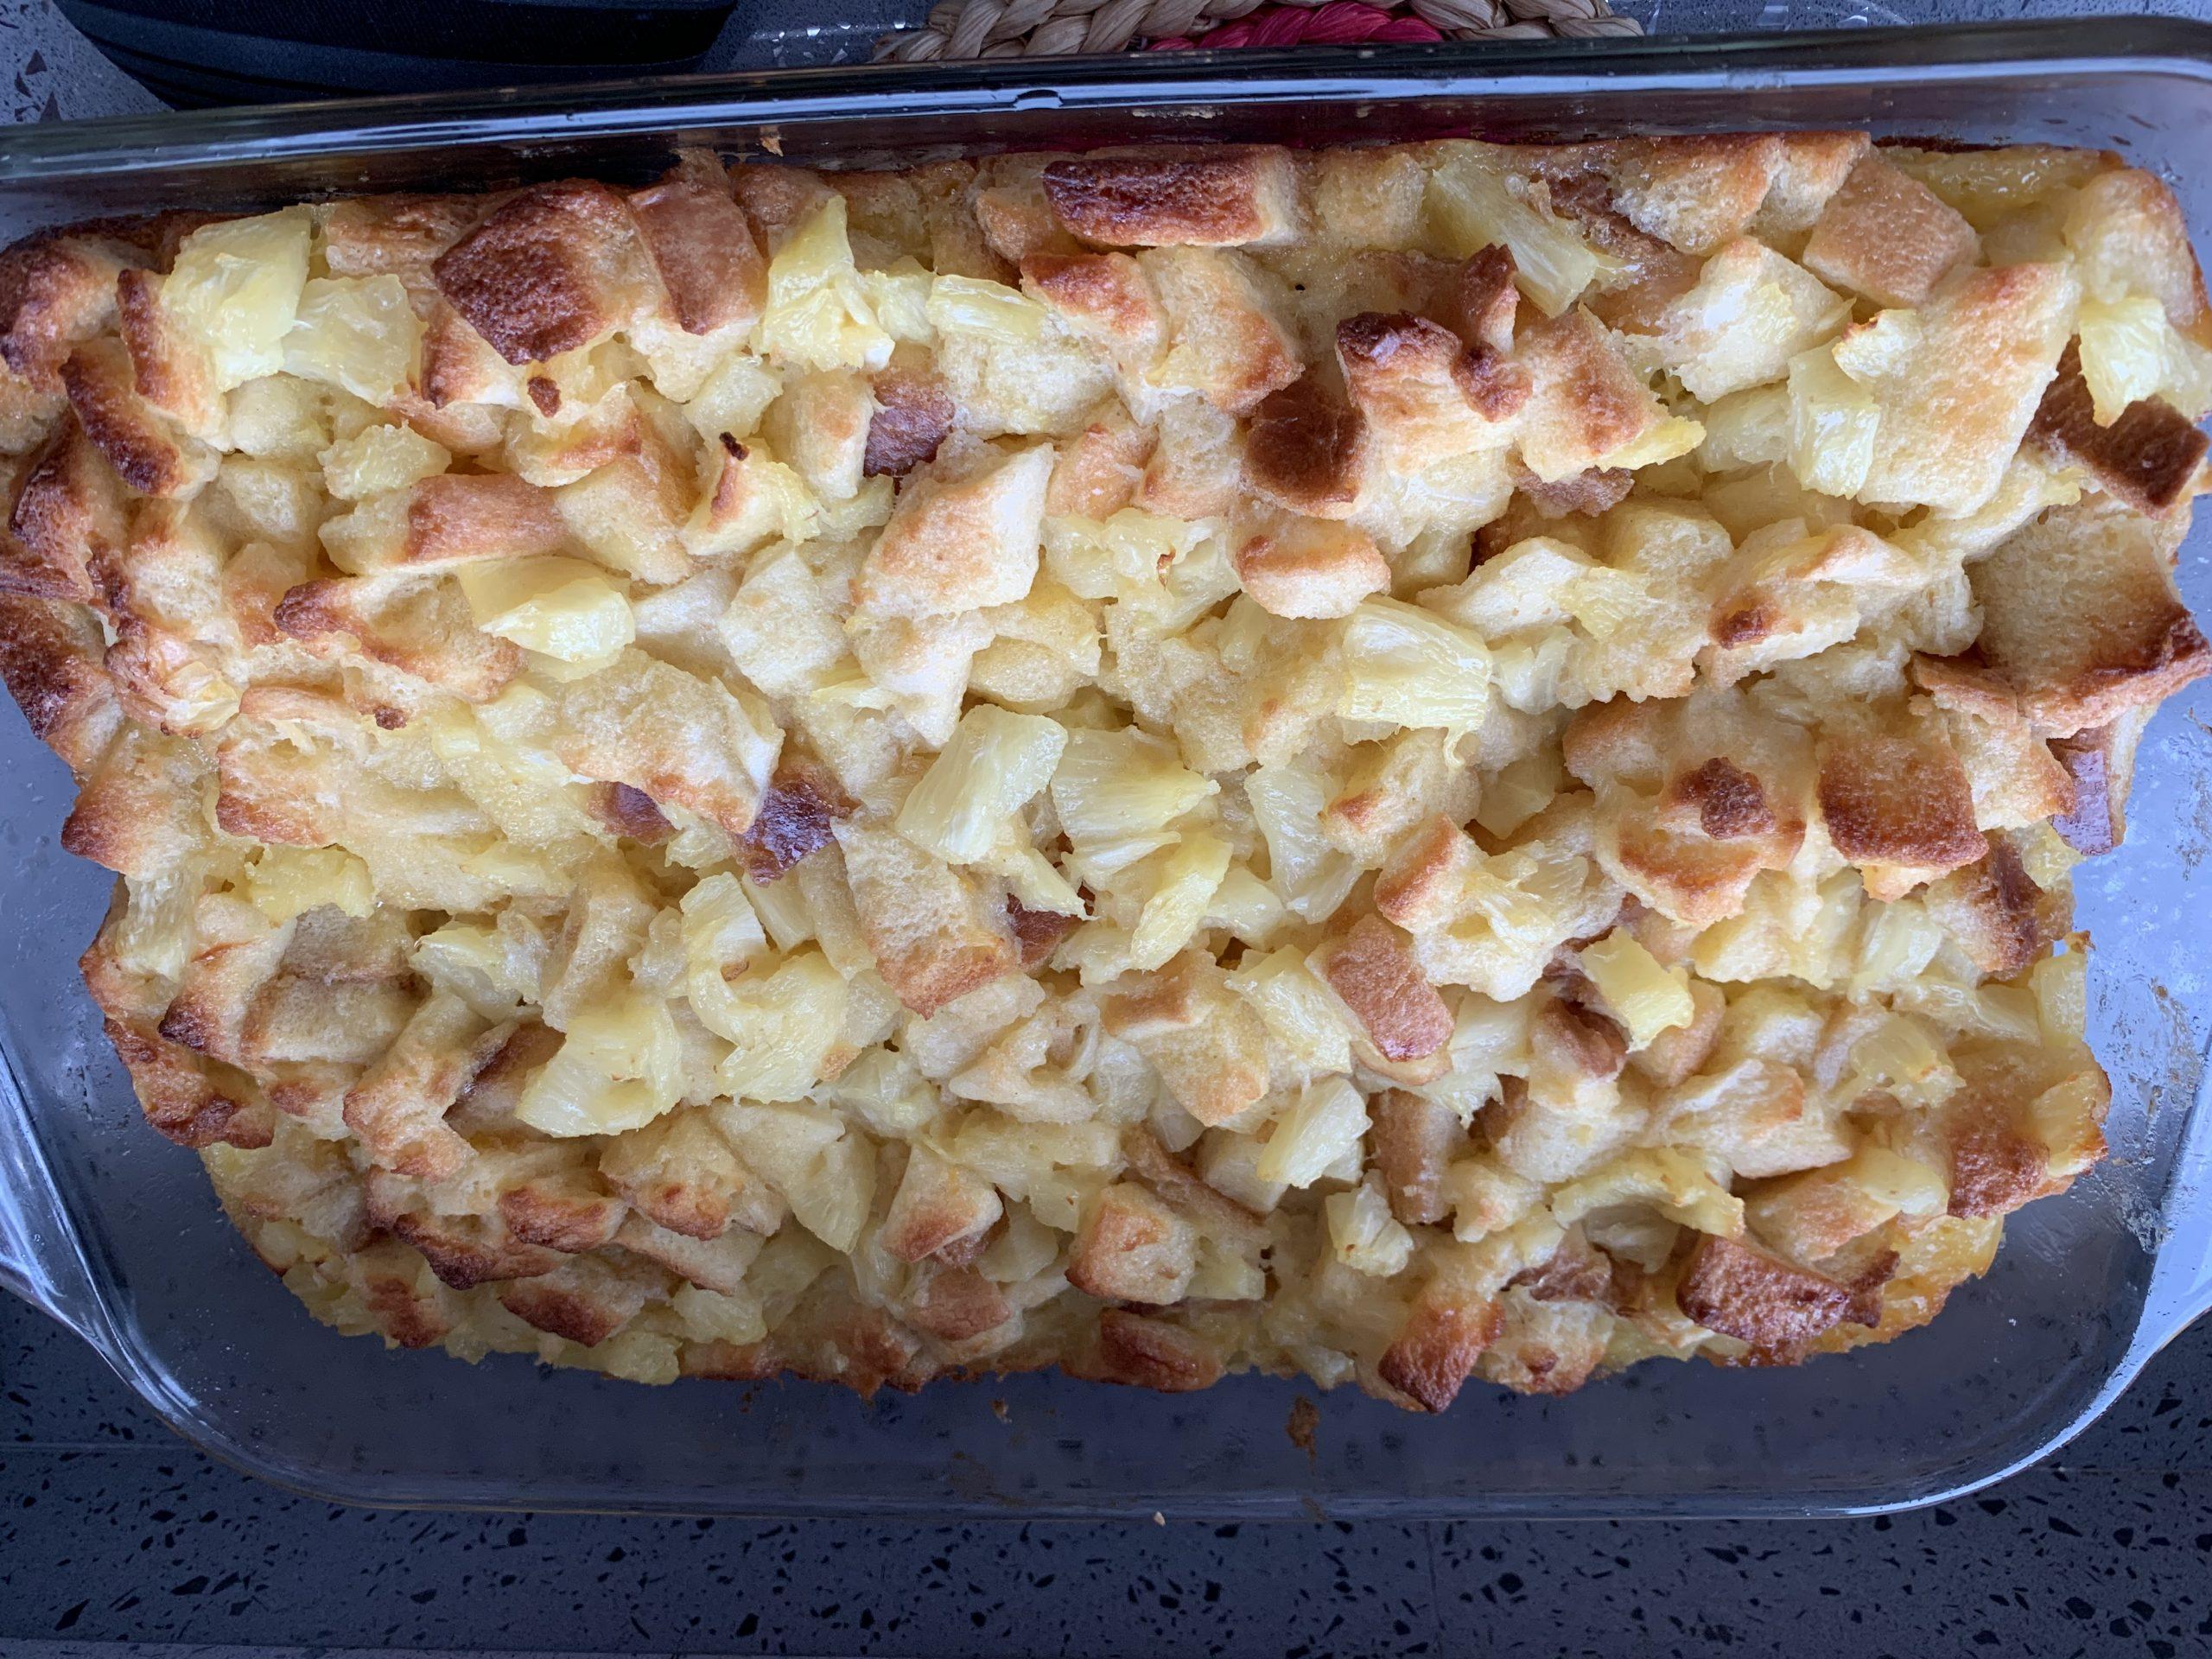 Pane all'ananas, Thanksgiving Day, usanze e tradizioni del giorno del ringraziamento, trevaligie